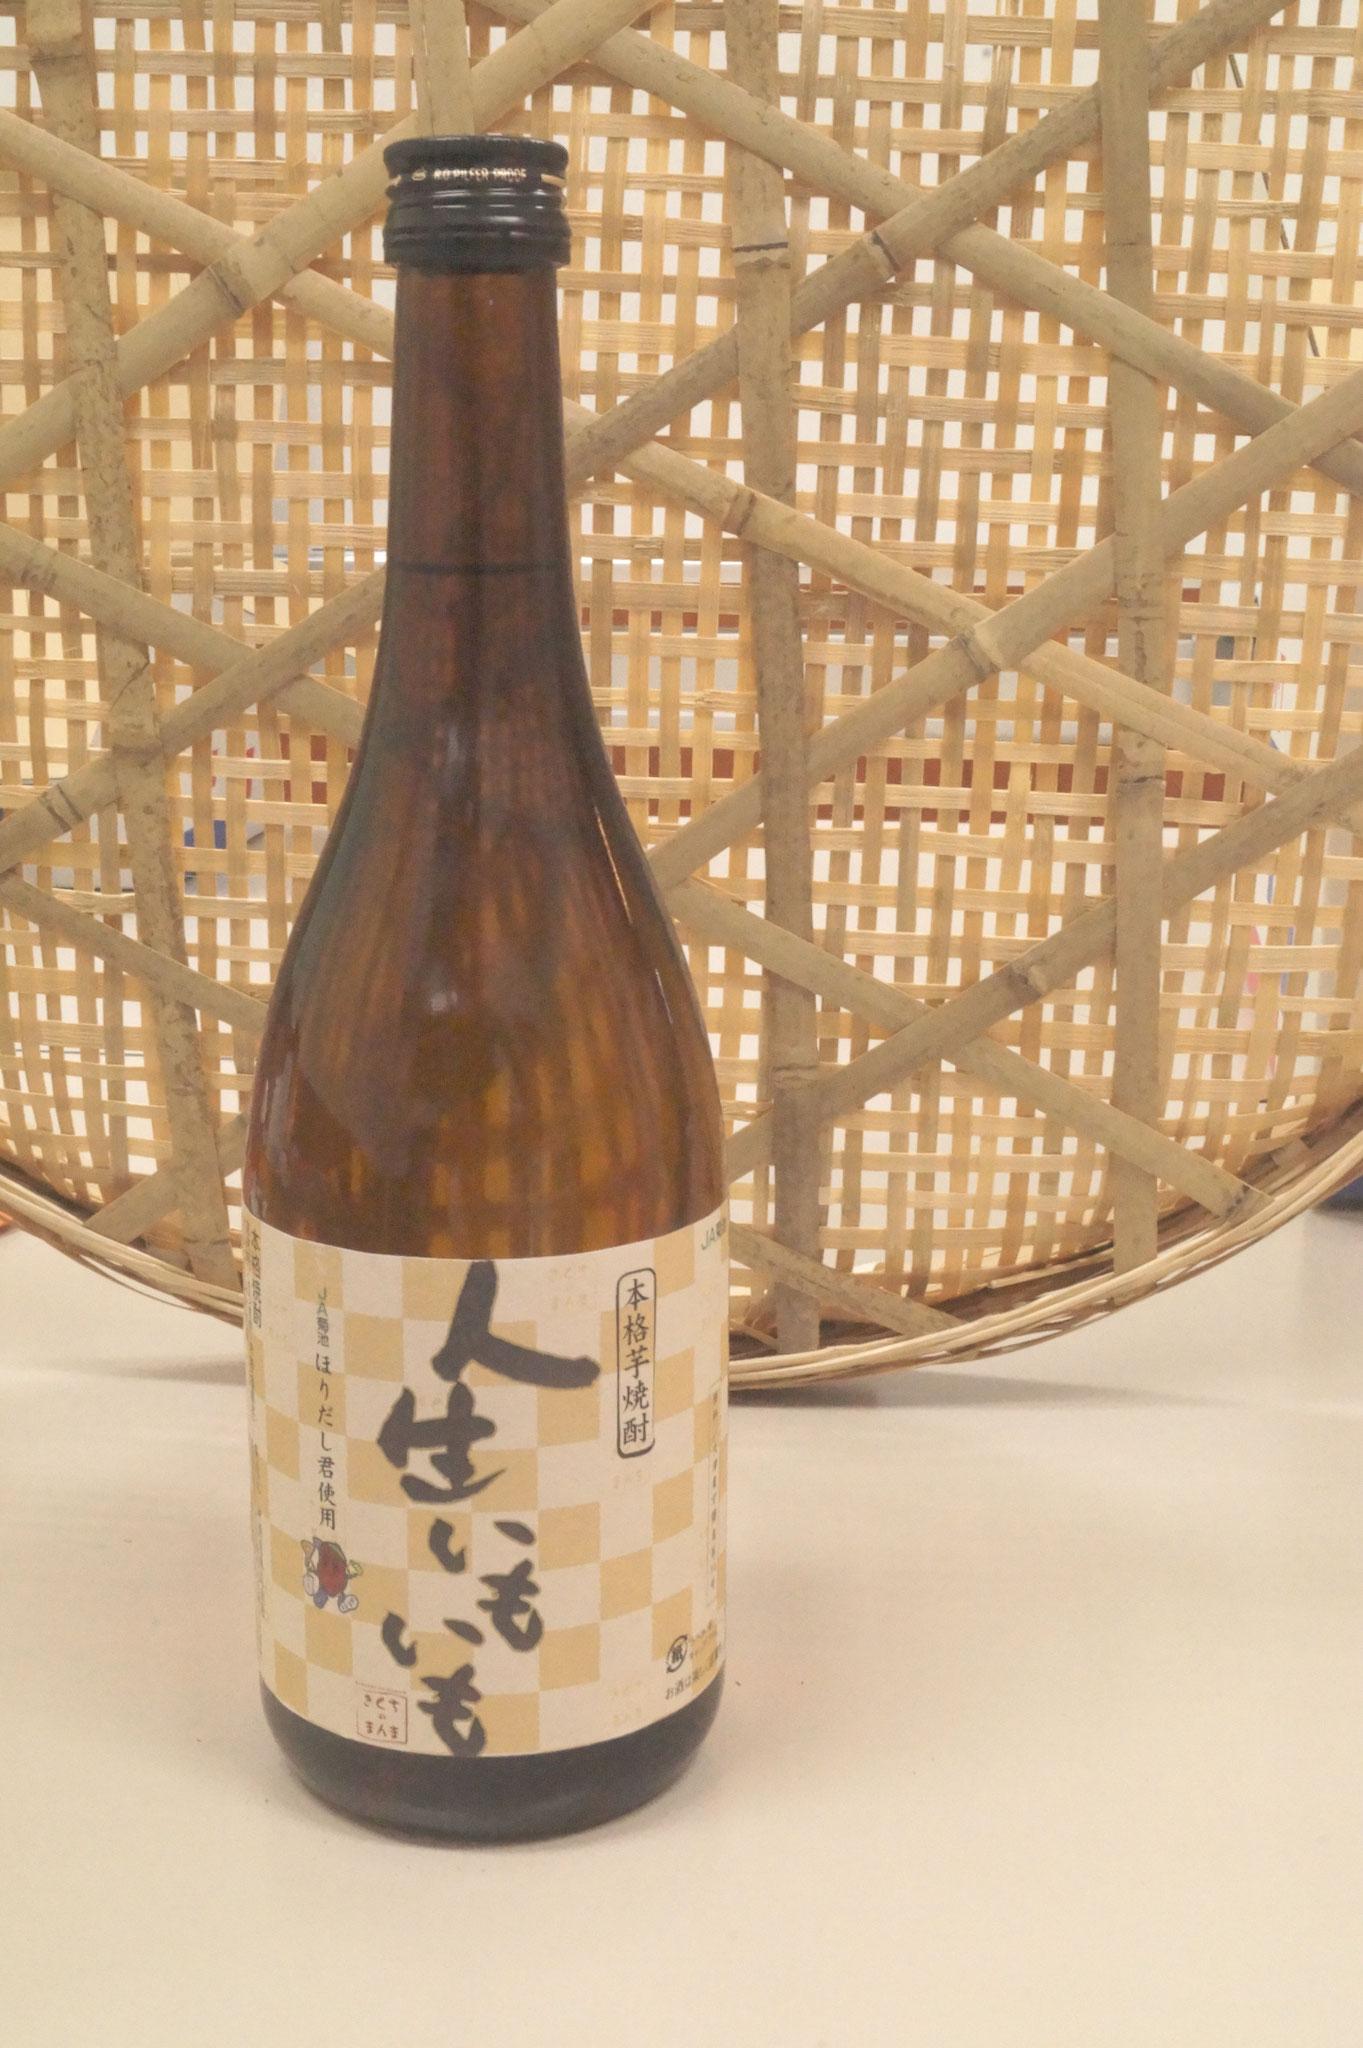 大津町産からいもを使った芋焼酎「人生いもいも」(JA菊池大津支所)